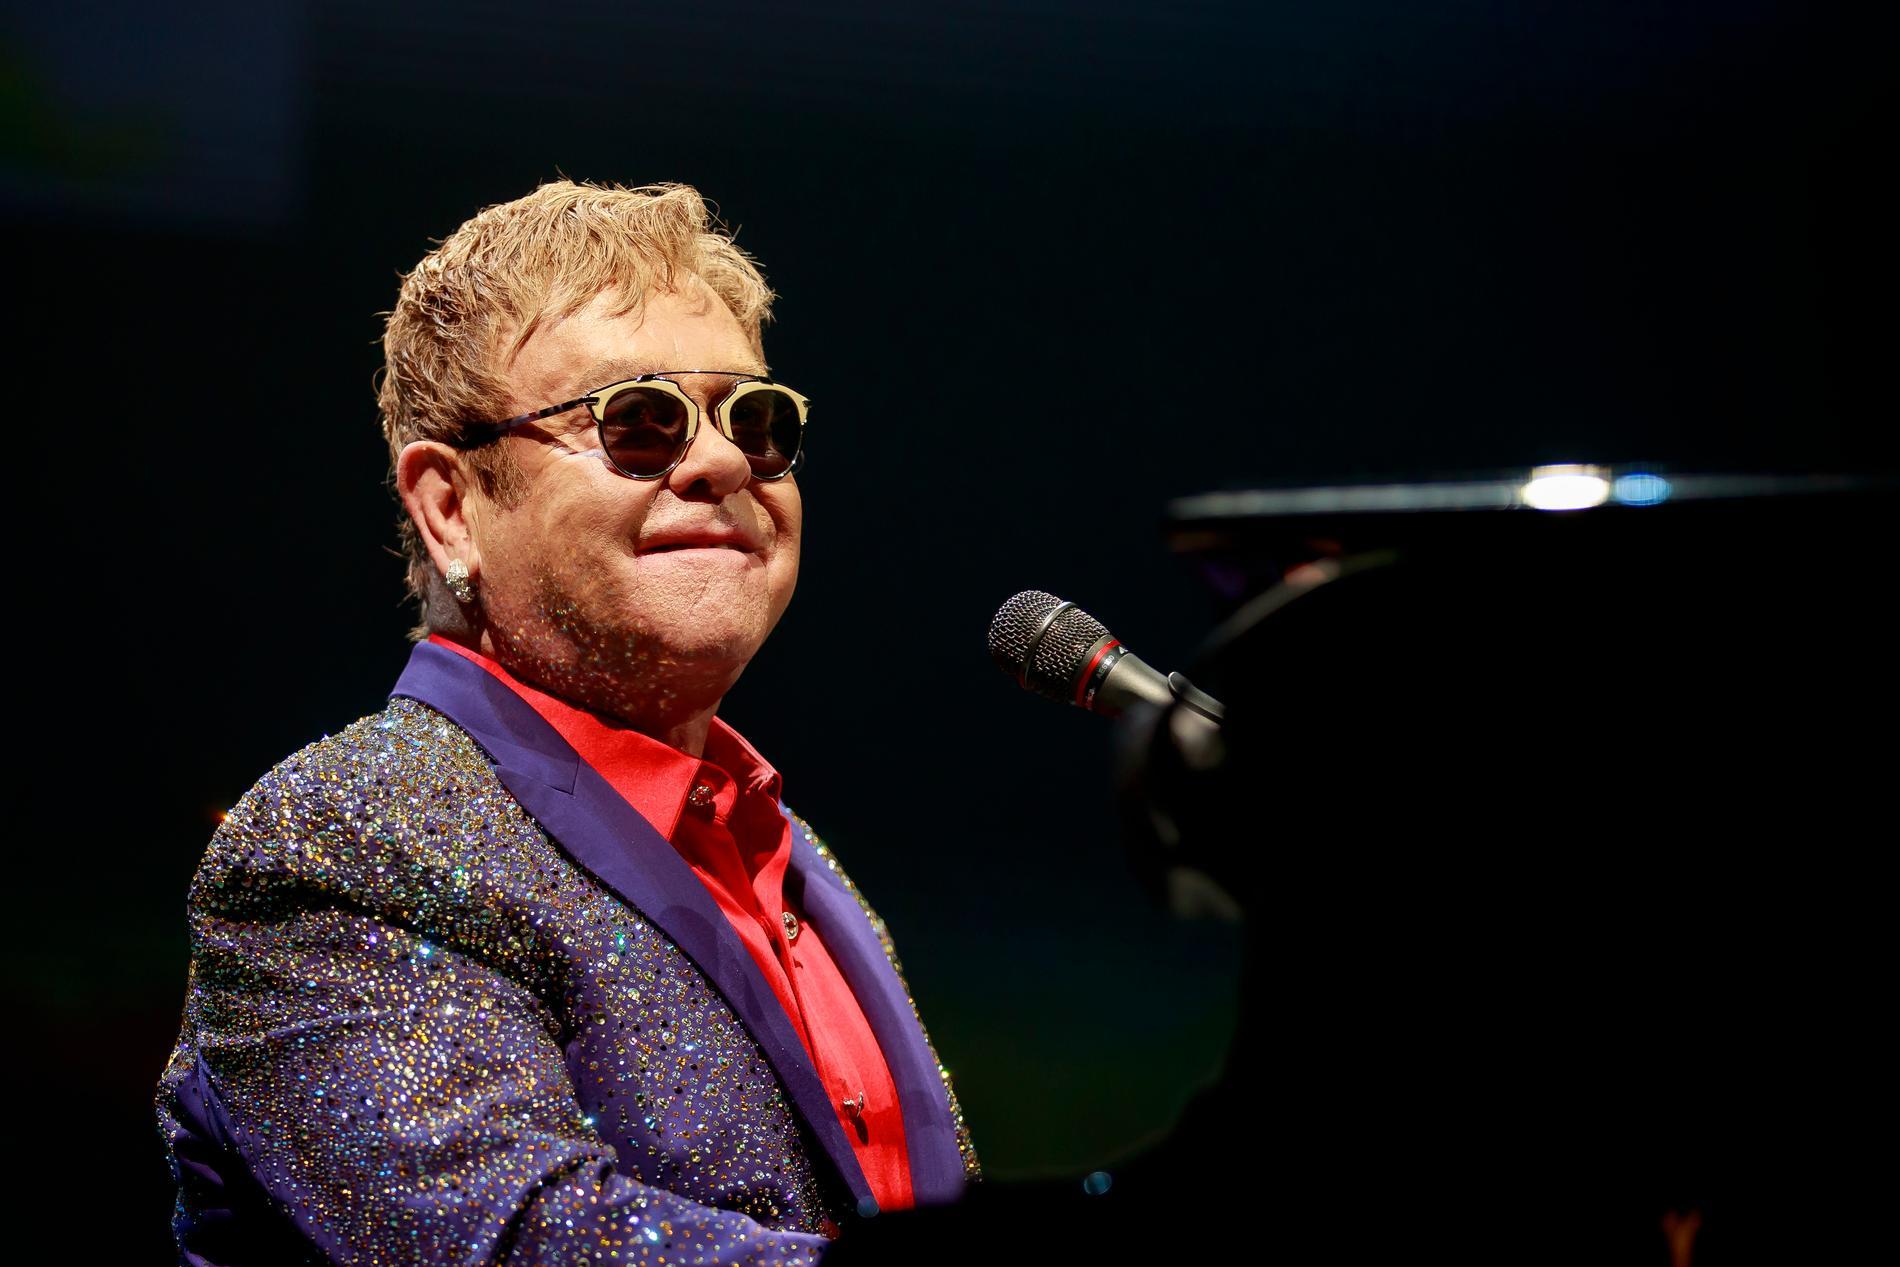 Elton Johns pågående avskedsturné nådde Göteborg redan i maj 2019. På grund av en viss pandemi har Stockholm fått vänta. Det såg ut att bli av den här hösten men nu är de två konserterna på Tele2 Arena flyttade till 7–8 juli 2023.